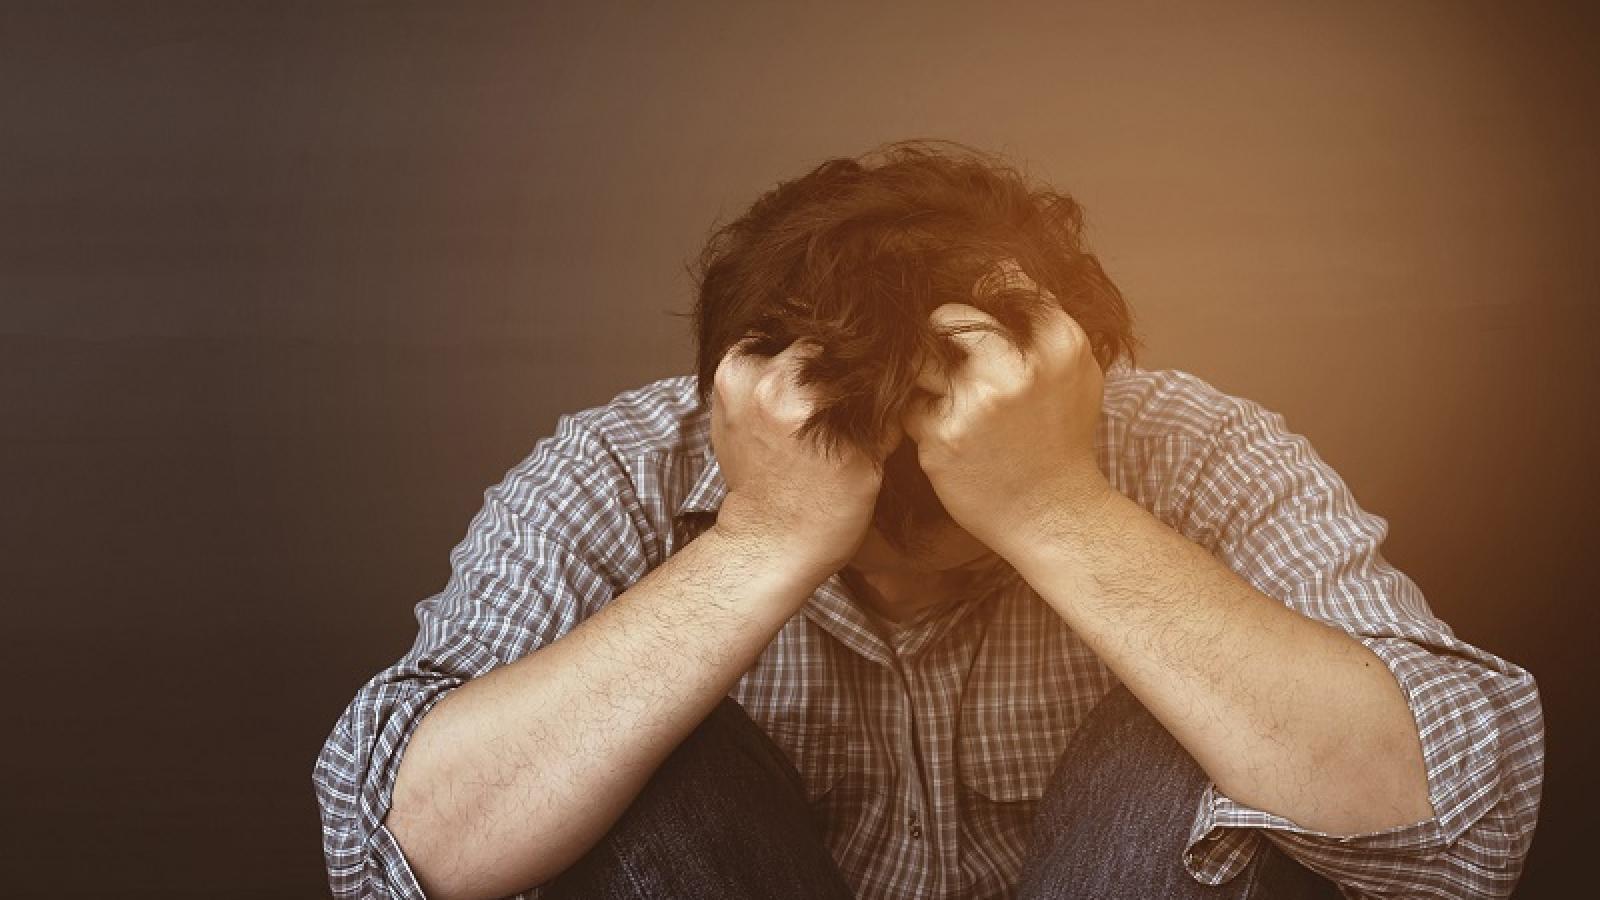 Dịch Covid-19 có thể làm gia tăng căng thẳng, mâu thuẫn trong gia đình